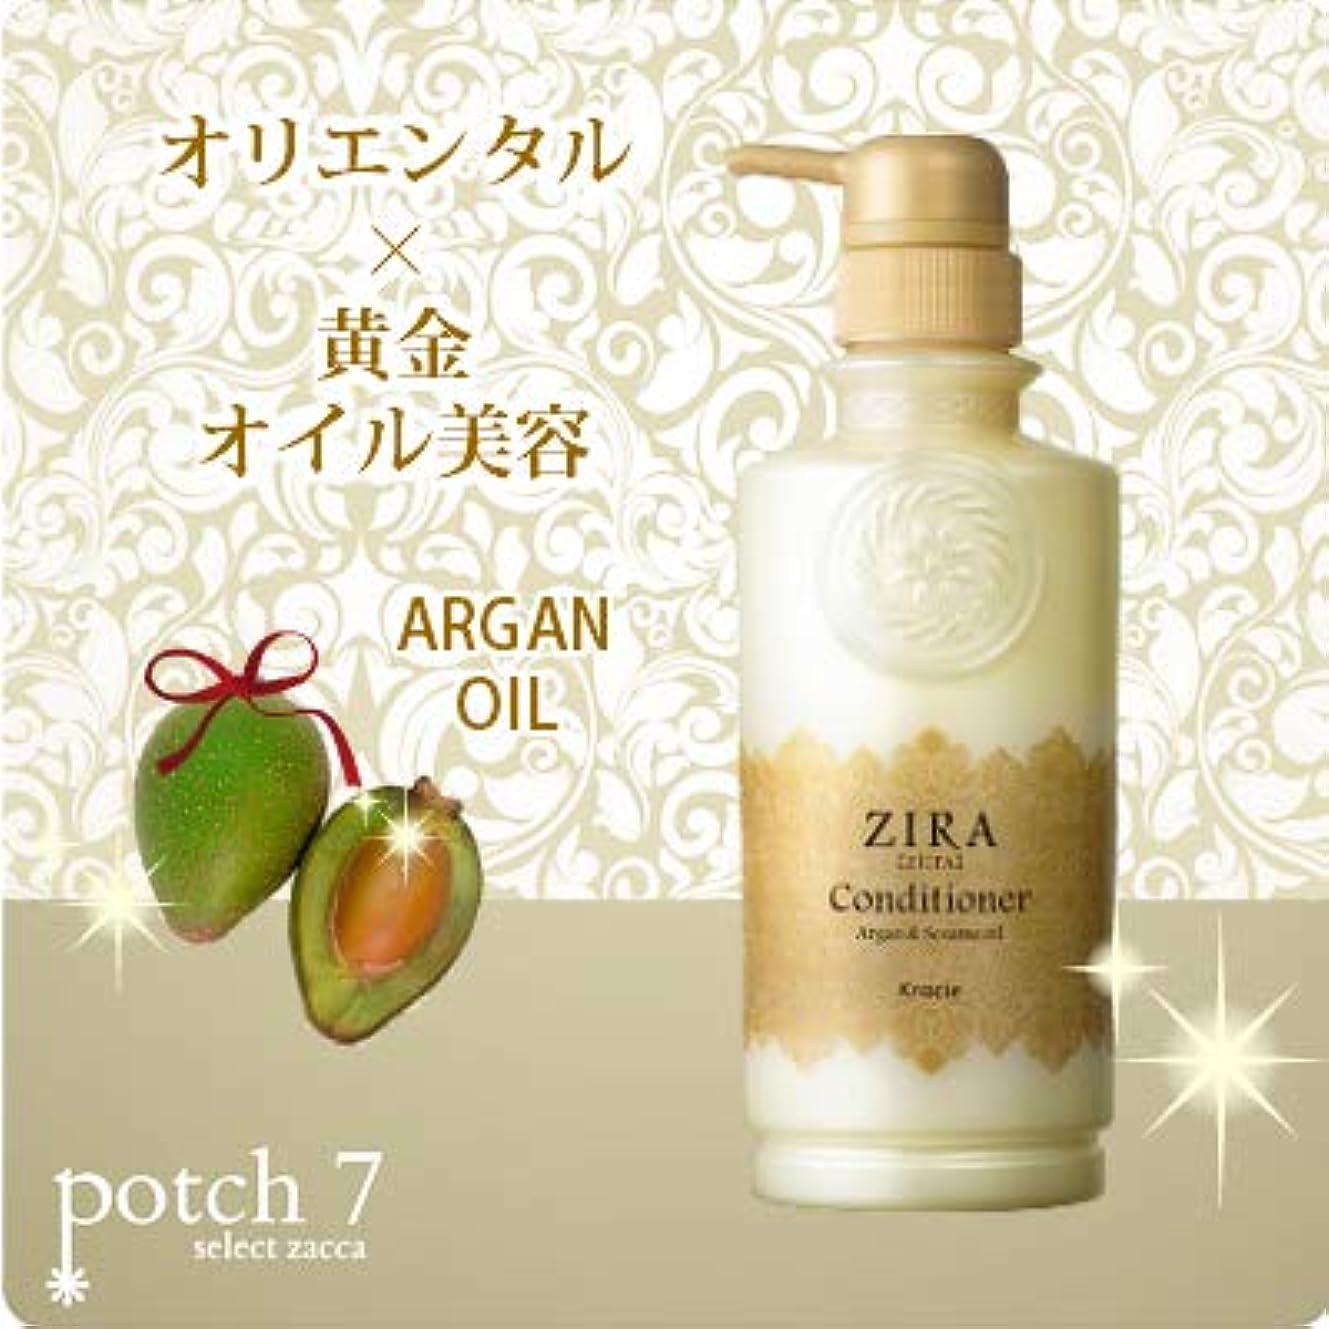 尊敬法王研究Kracie クラシエ ZIRA ジーラ コンディショナー 420ml オリエンタル美容